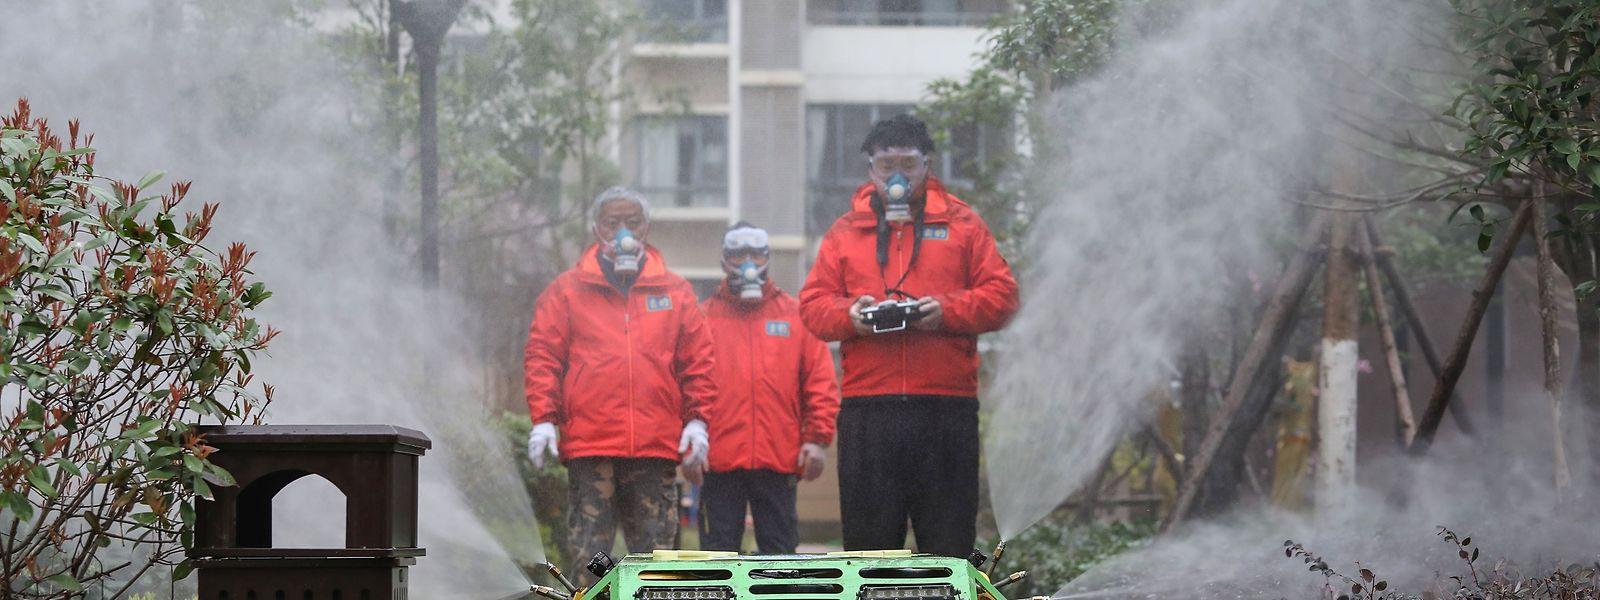 Freiwillige versprühen im chinesischen Wuhan Desinfektionsmittel mit einem ferngesteuerten Roboter.